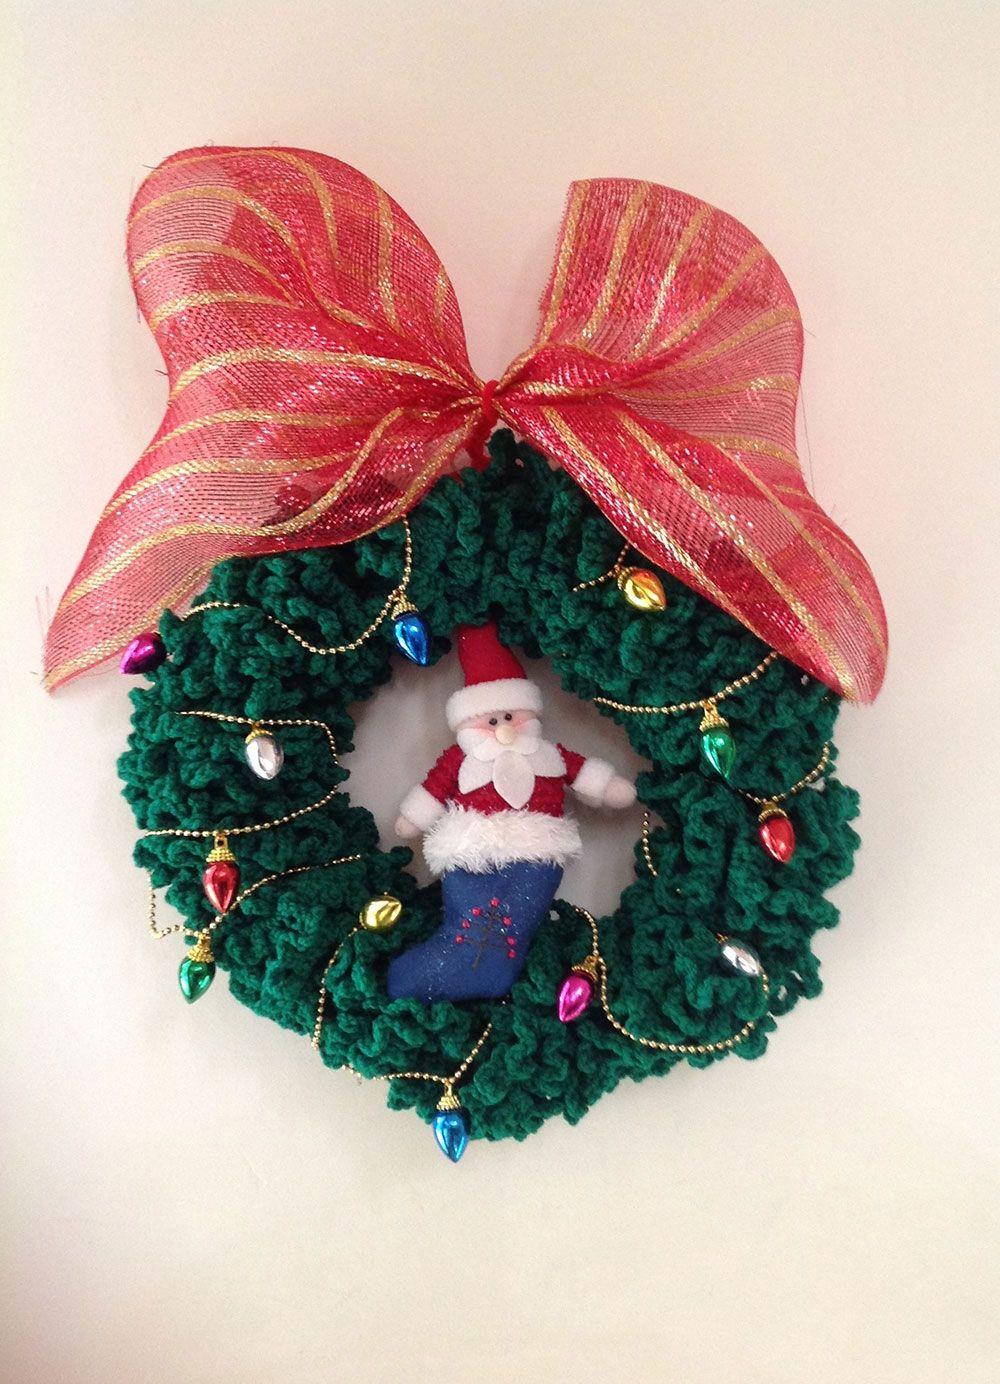 Modelo de guirlanda de tecido verde com grande laço, papai Noel e luzes pisca pisca coloridas